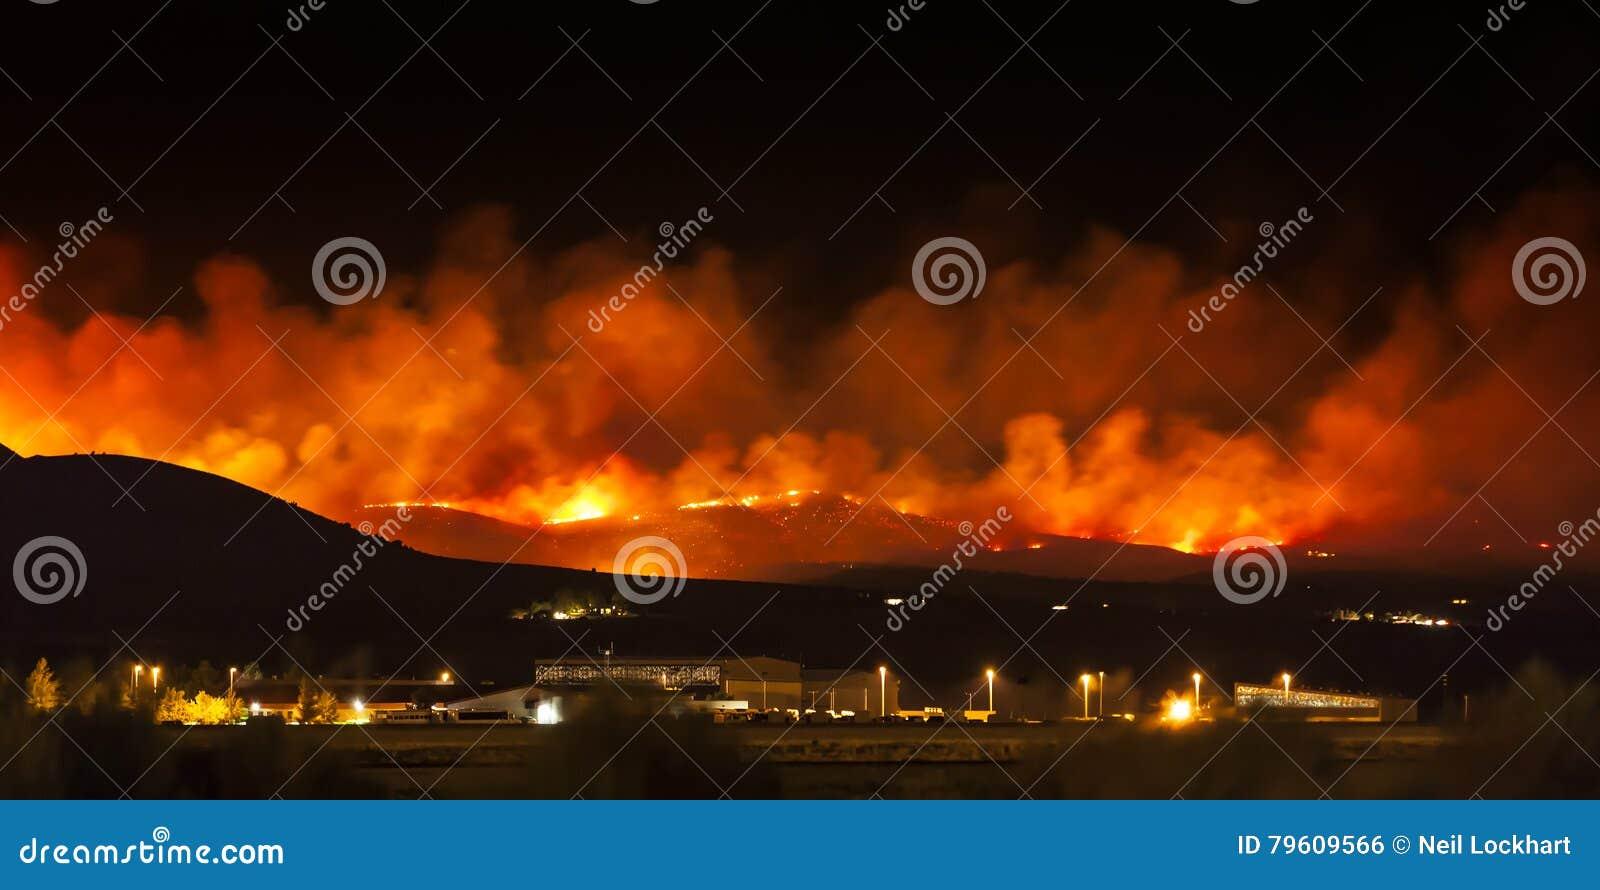 Πυρκαγιά στην έρημο της Νεβάδας, στον κόκκινο δρόμο βράχου